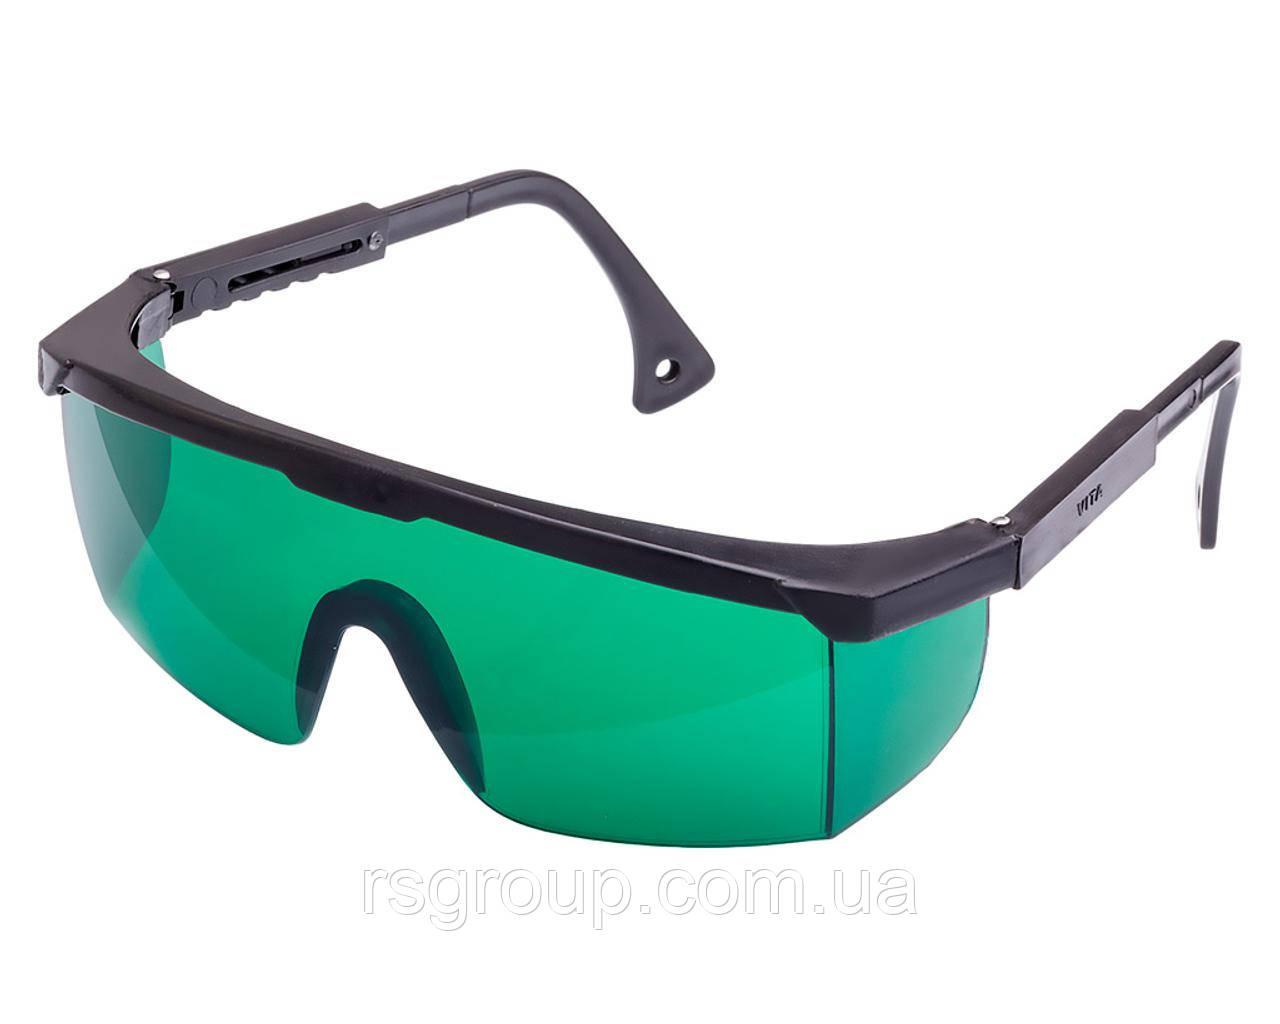 Очки защитные  КОМФОРТ ЛАЗЕР линза зелёная